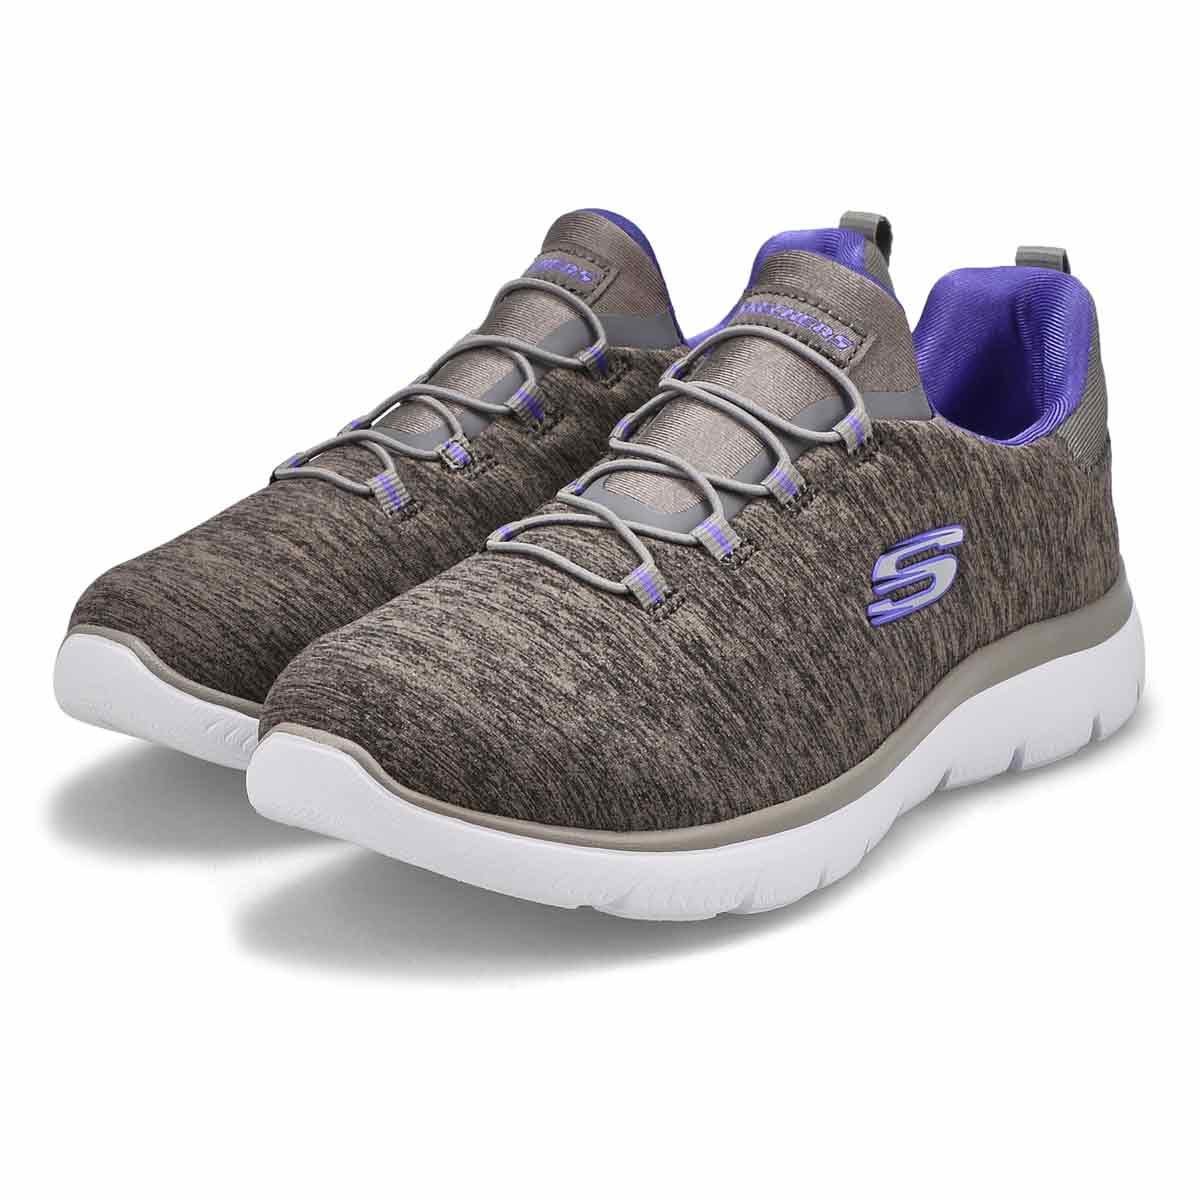 Espadrille QUICK GETAWAY gris/violet, femme, LARGE